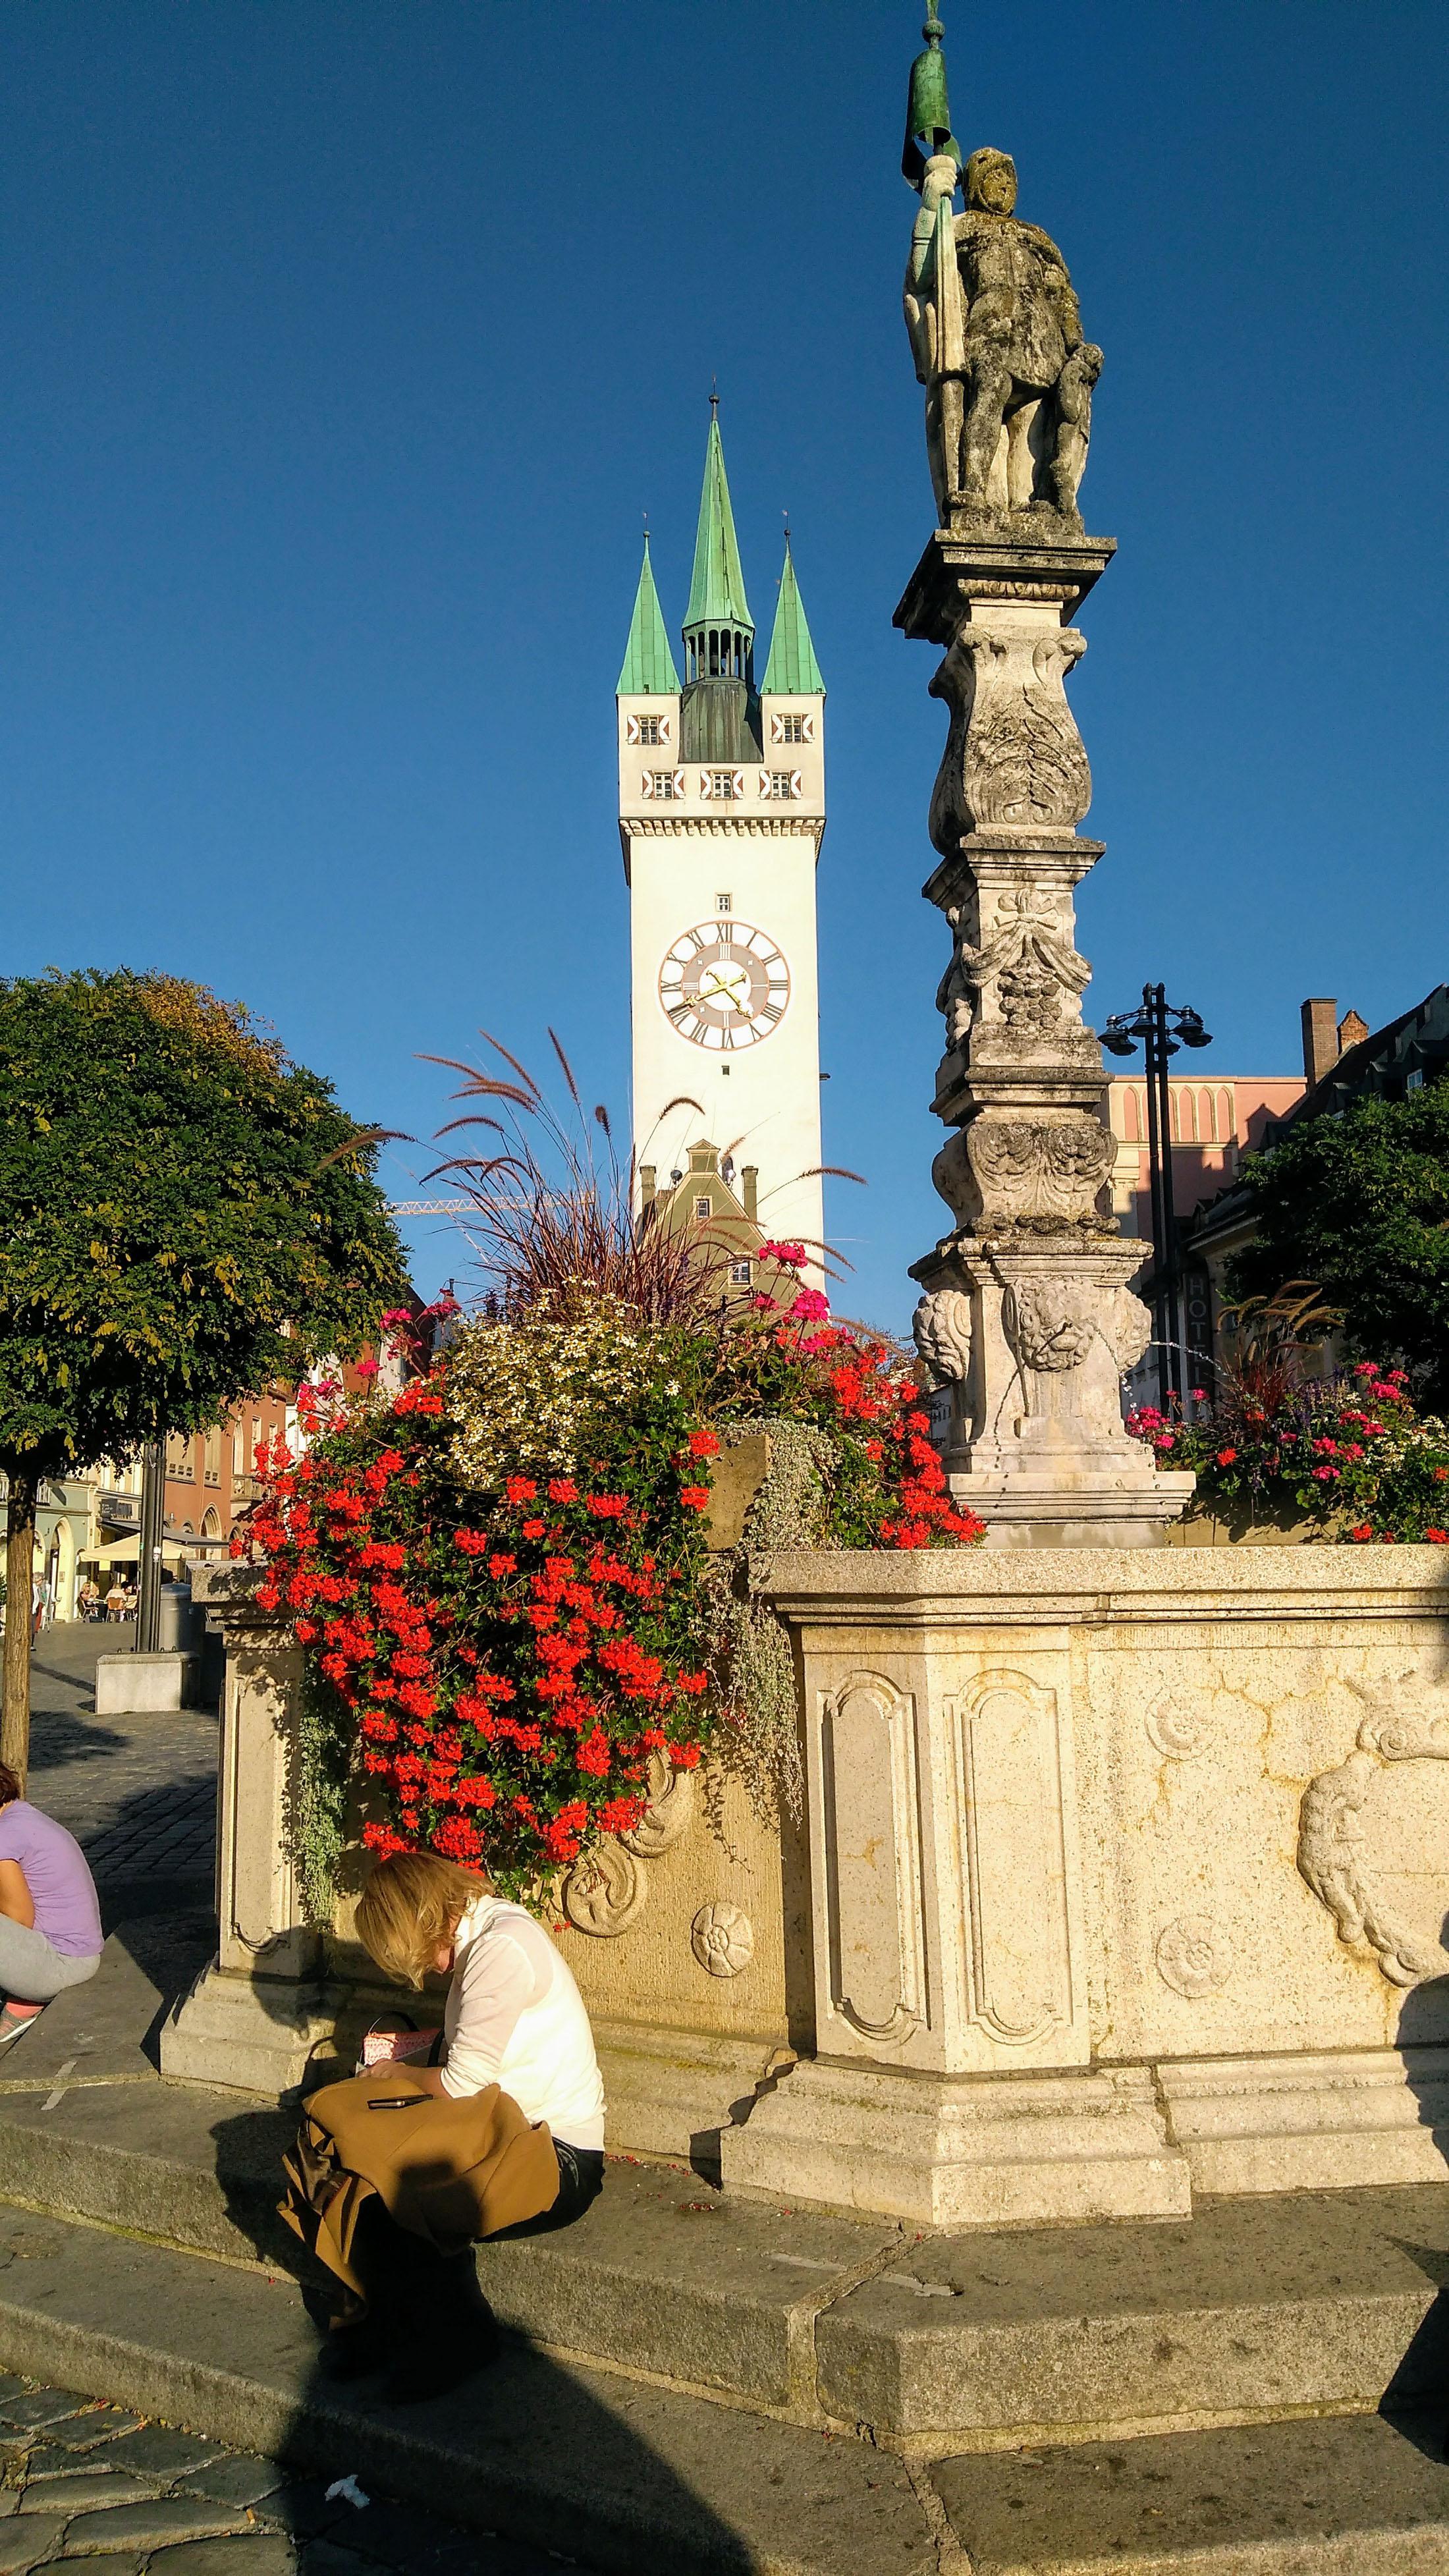 Market square in Straubing - Marktplatz Straubing